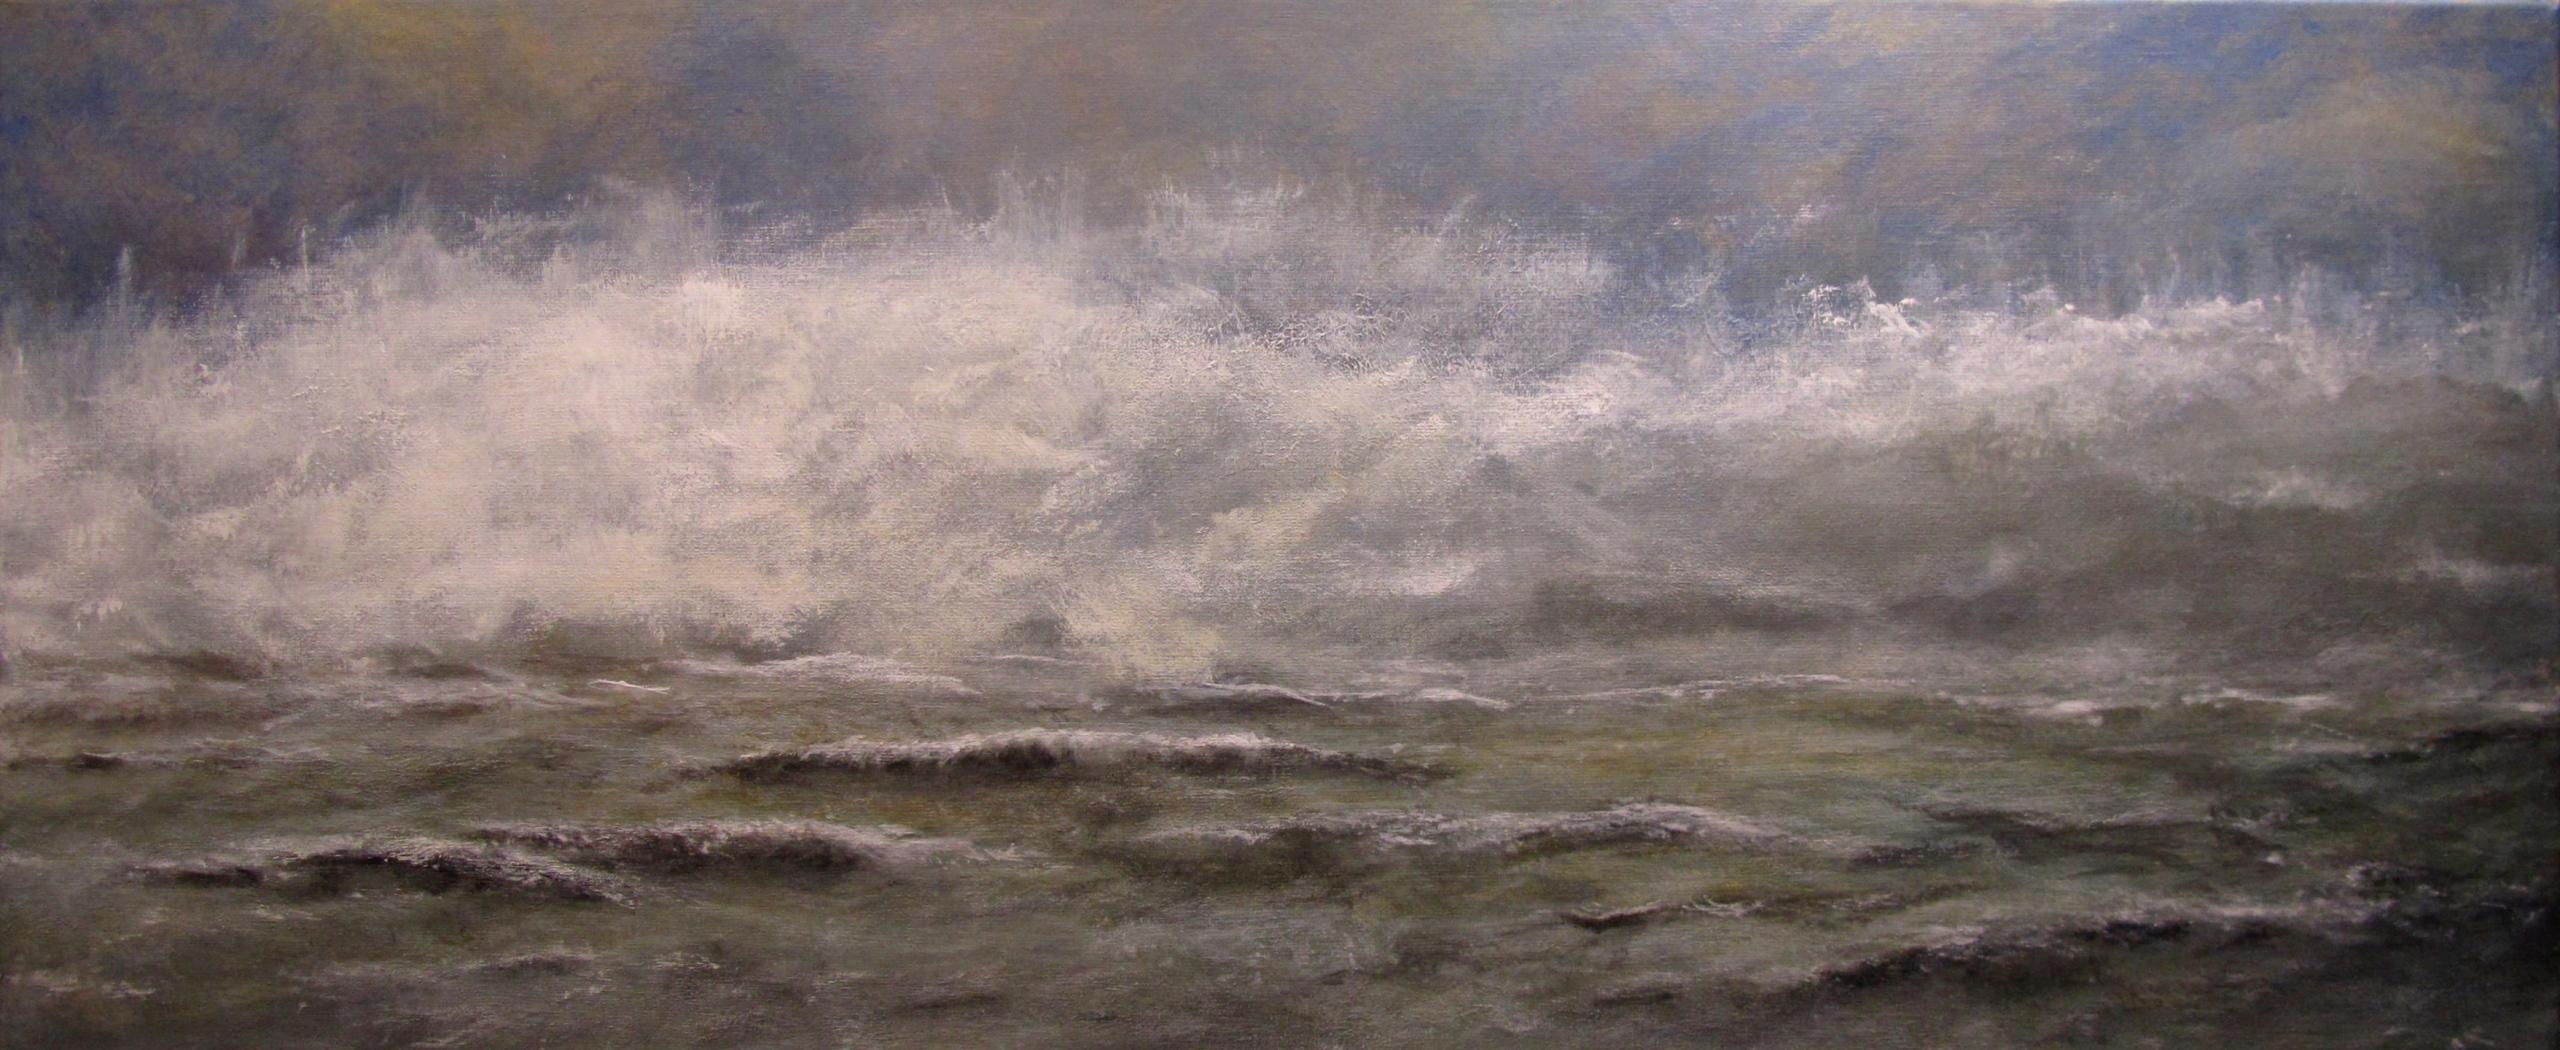 172 - Het grommelen van de zee